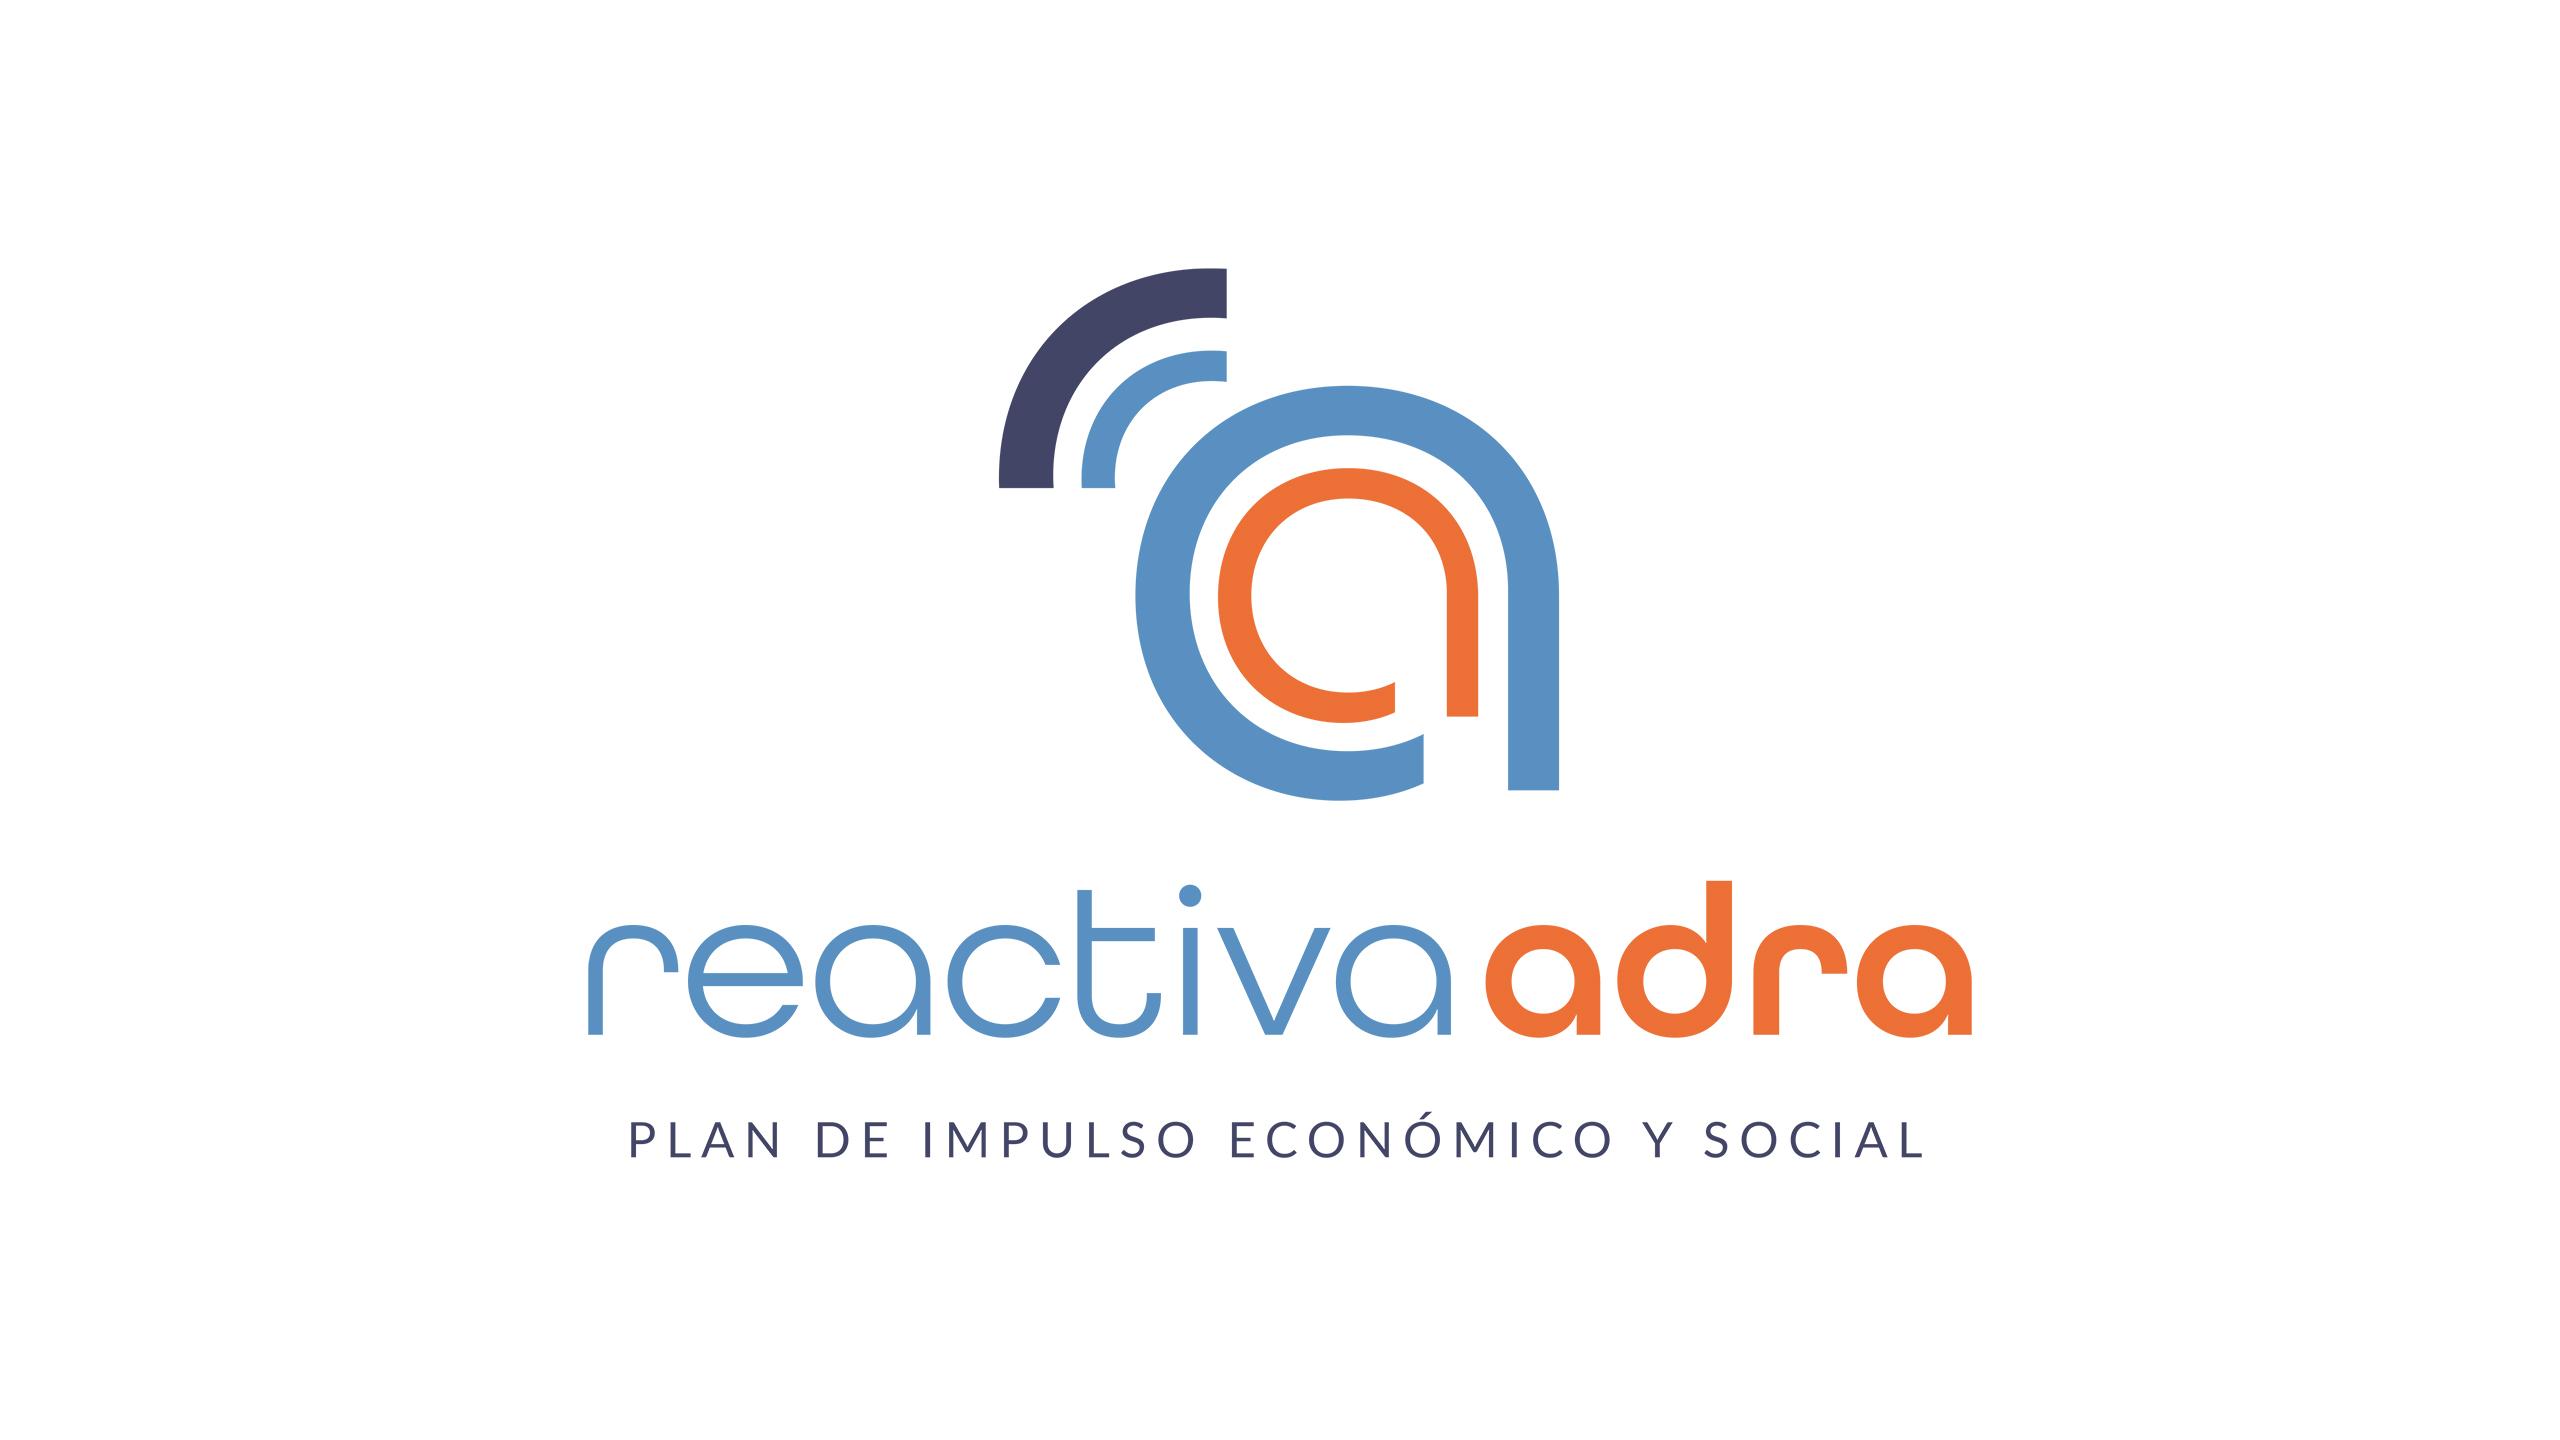 Imagen Reactiva Adra